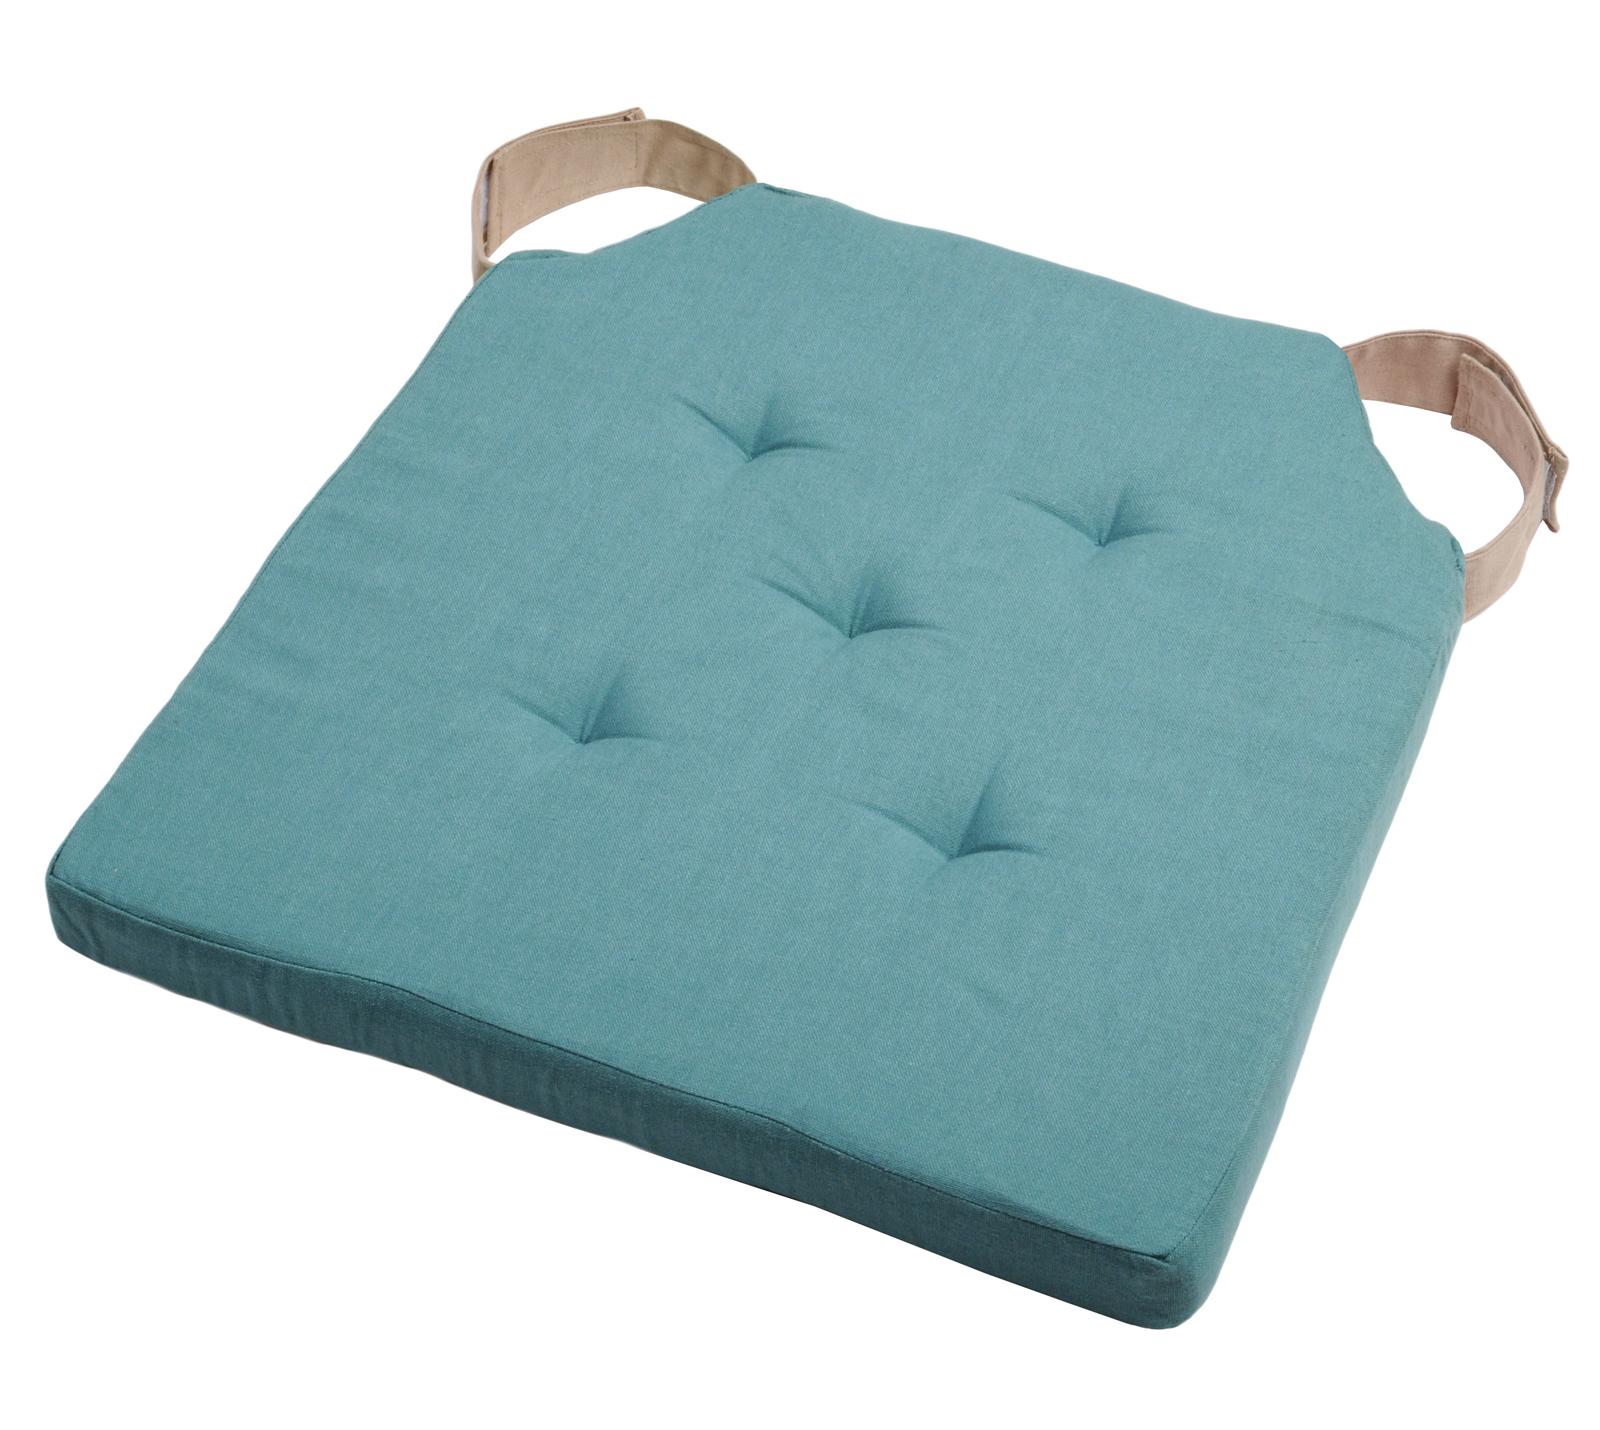 Galette de chaise bleu attaches par velcro couleur lin 6x6cm DUO